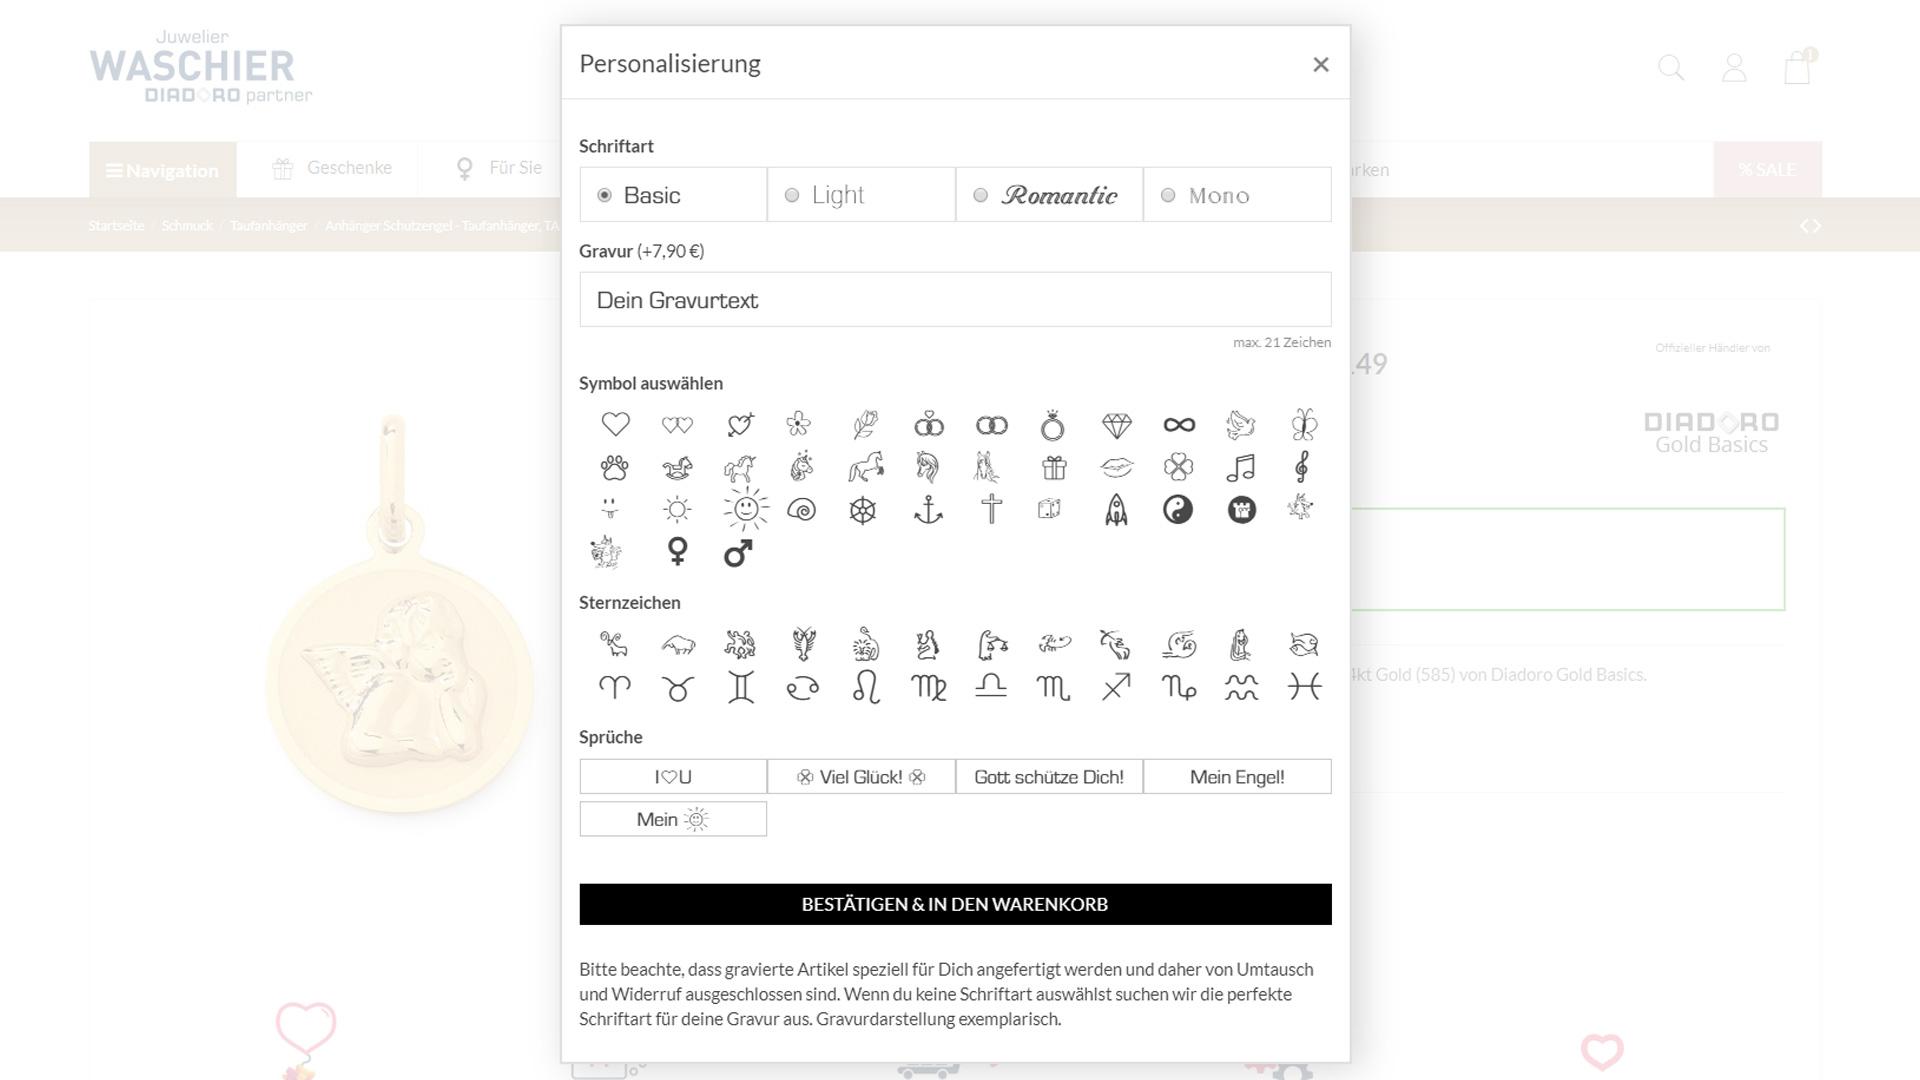 Schriftarten und Icons für Personalisierung